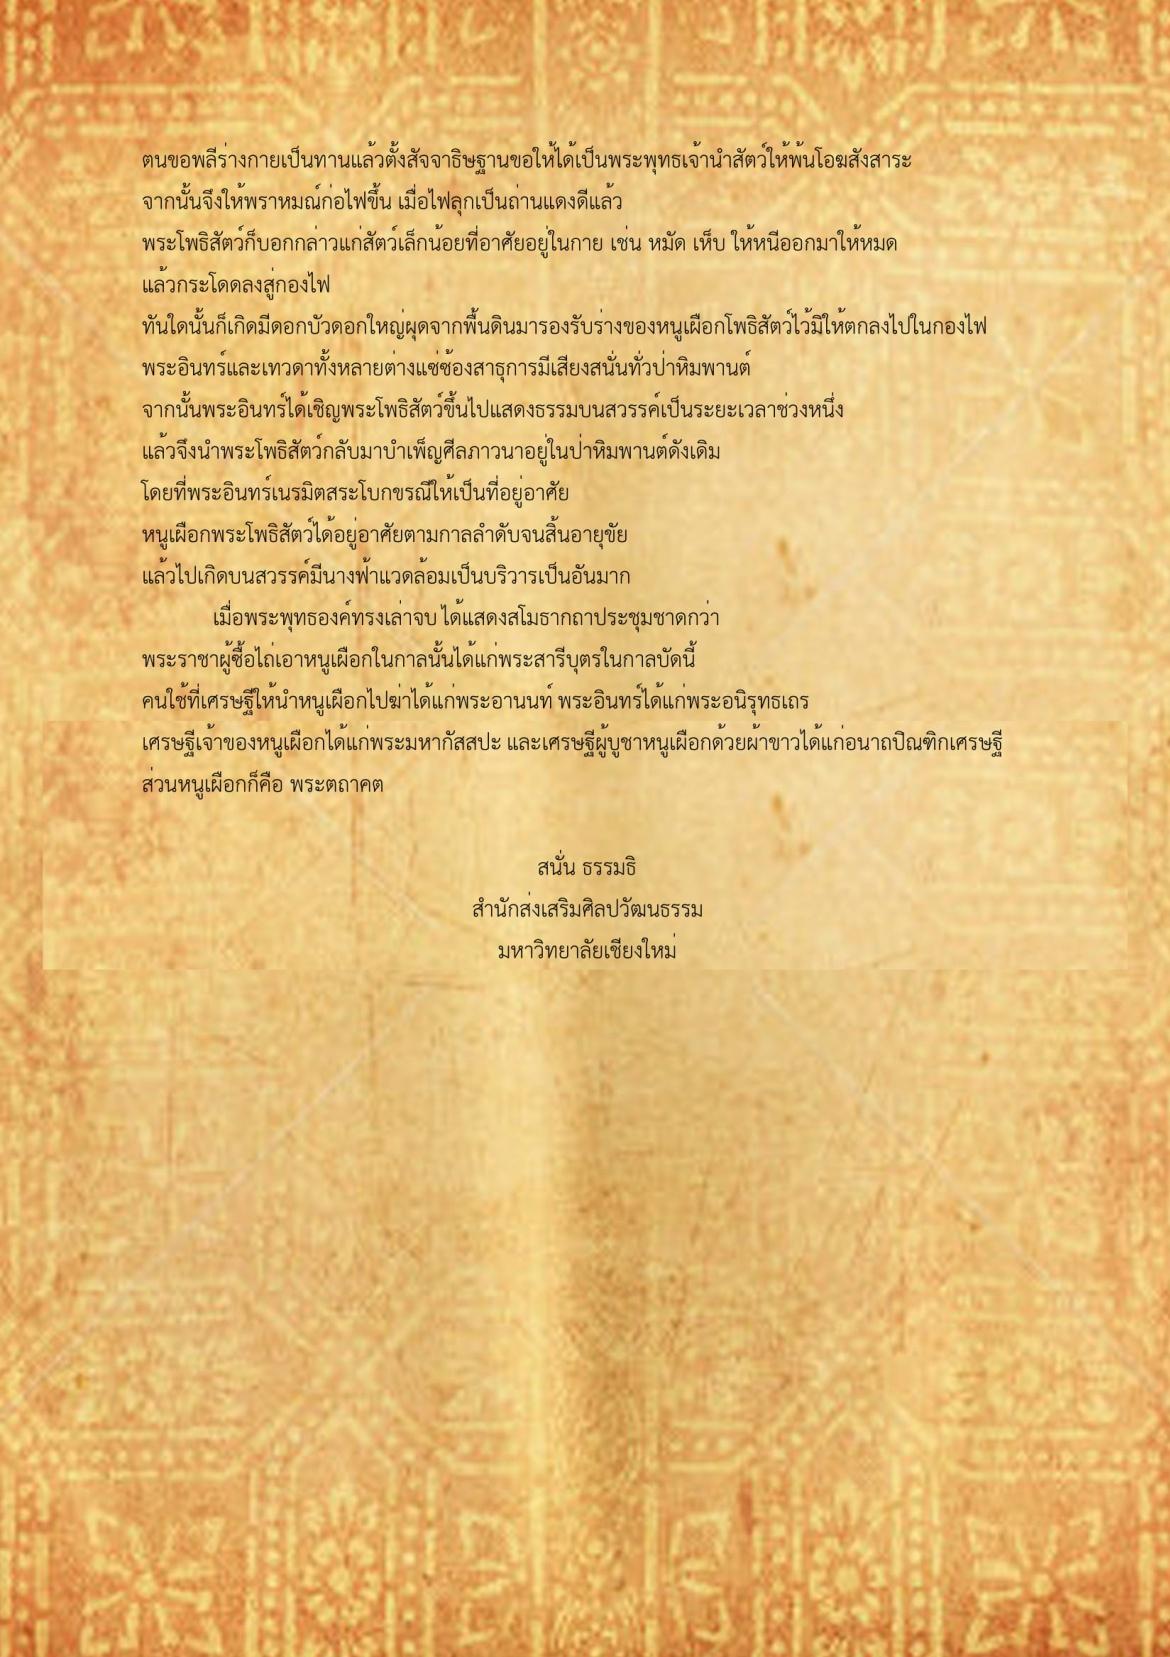 หนูเผือก - 15 ตุลาคม 2561